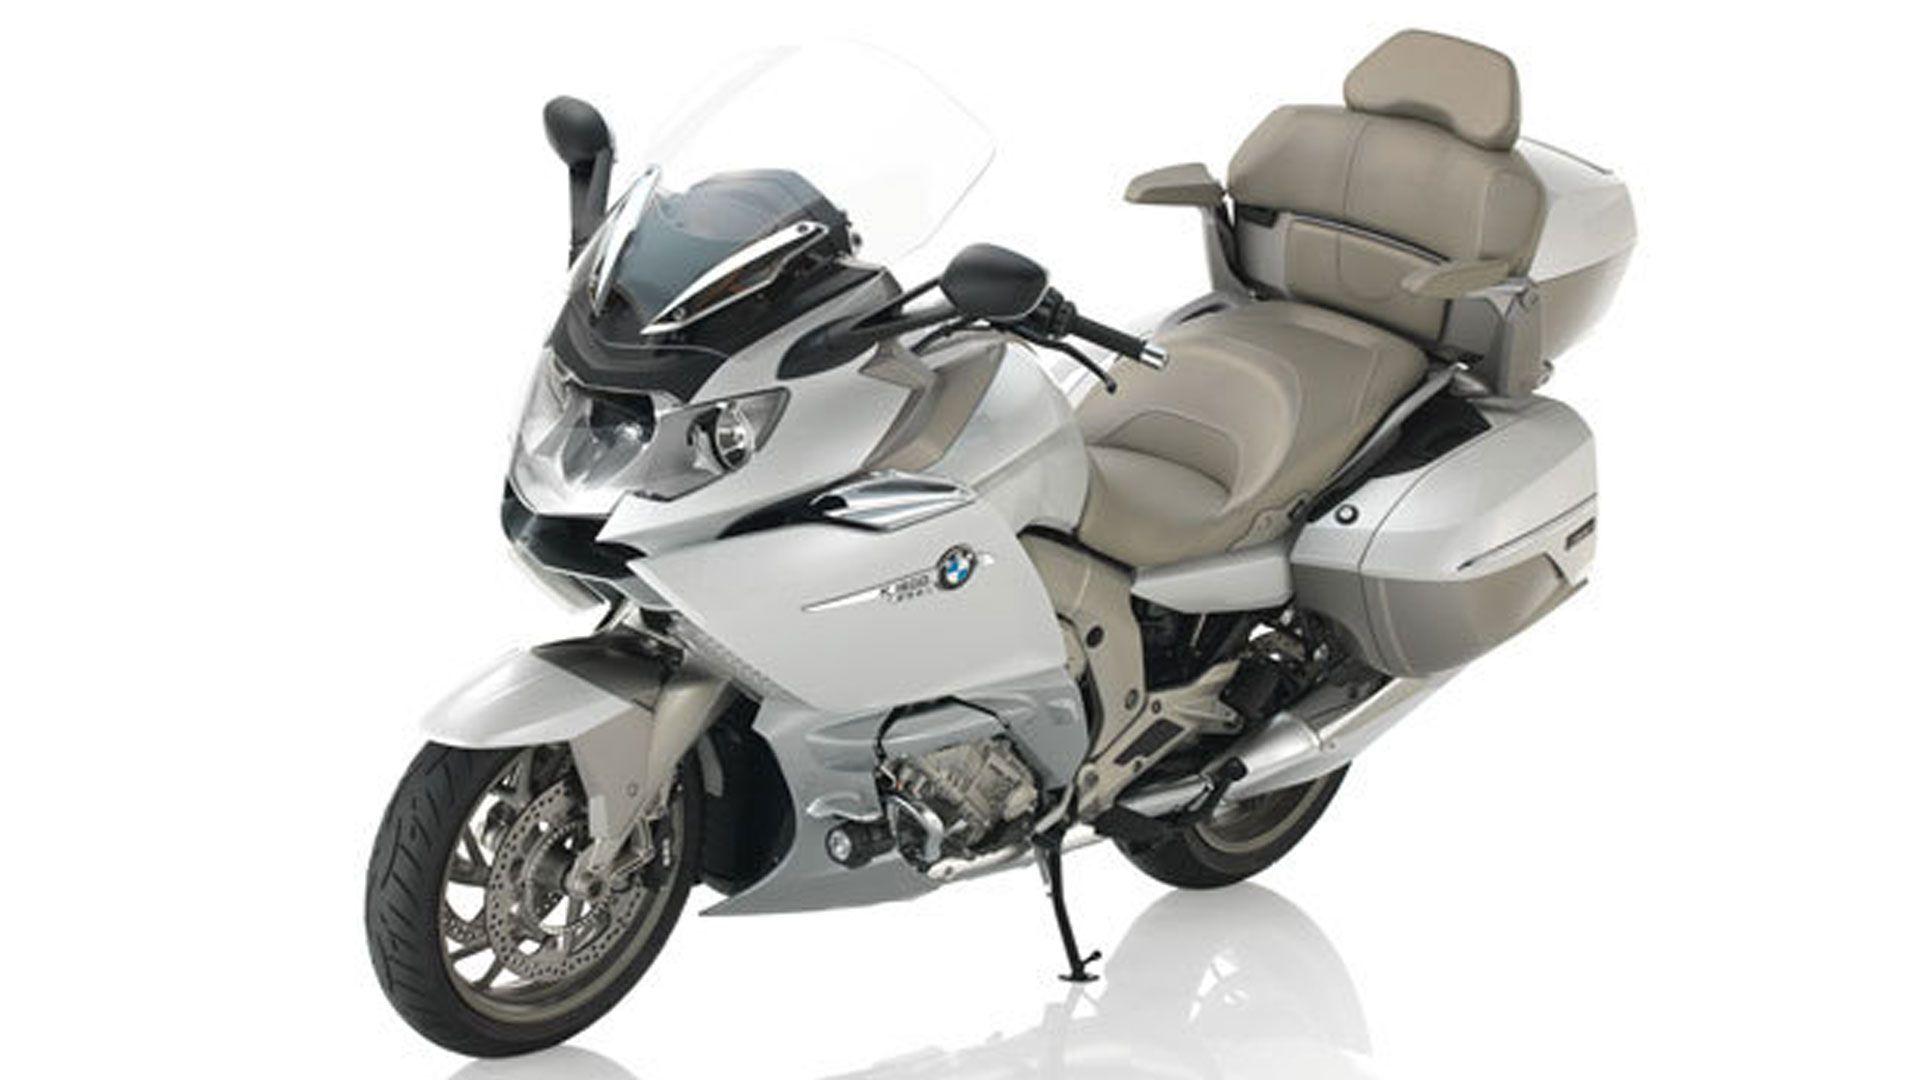 2014 Bmw K 1600 Gtl Exclusive Full Specs Luweh Com Bmw Gtl Bmw Motors